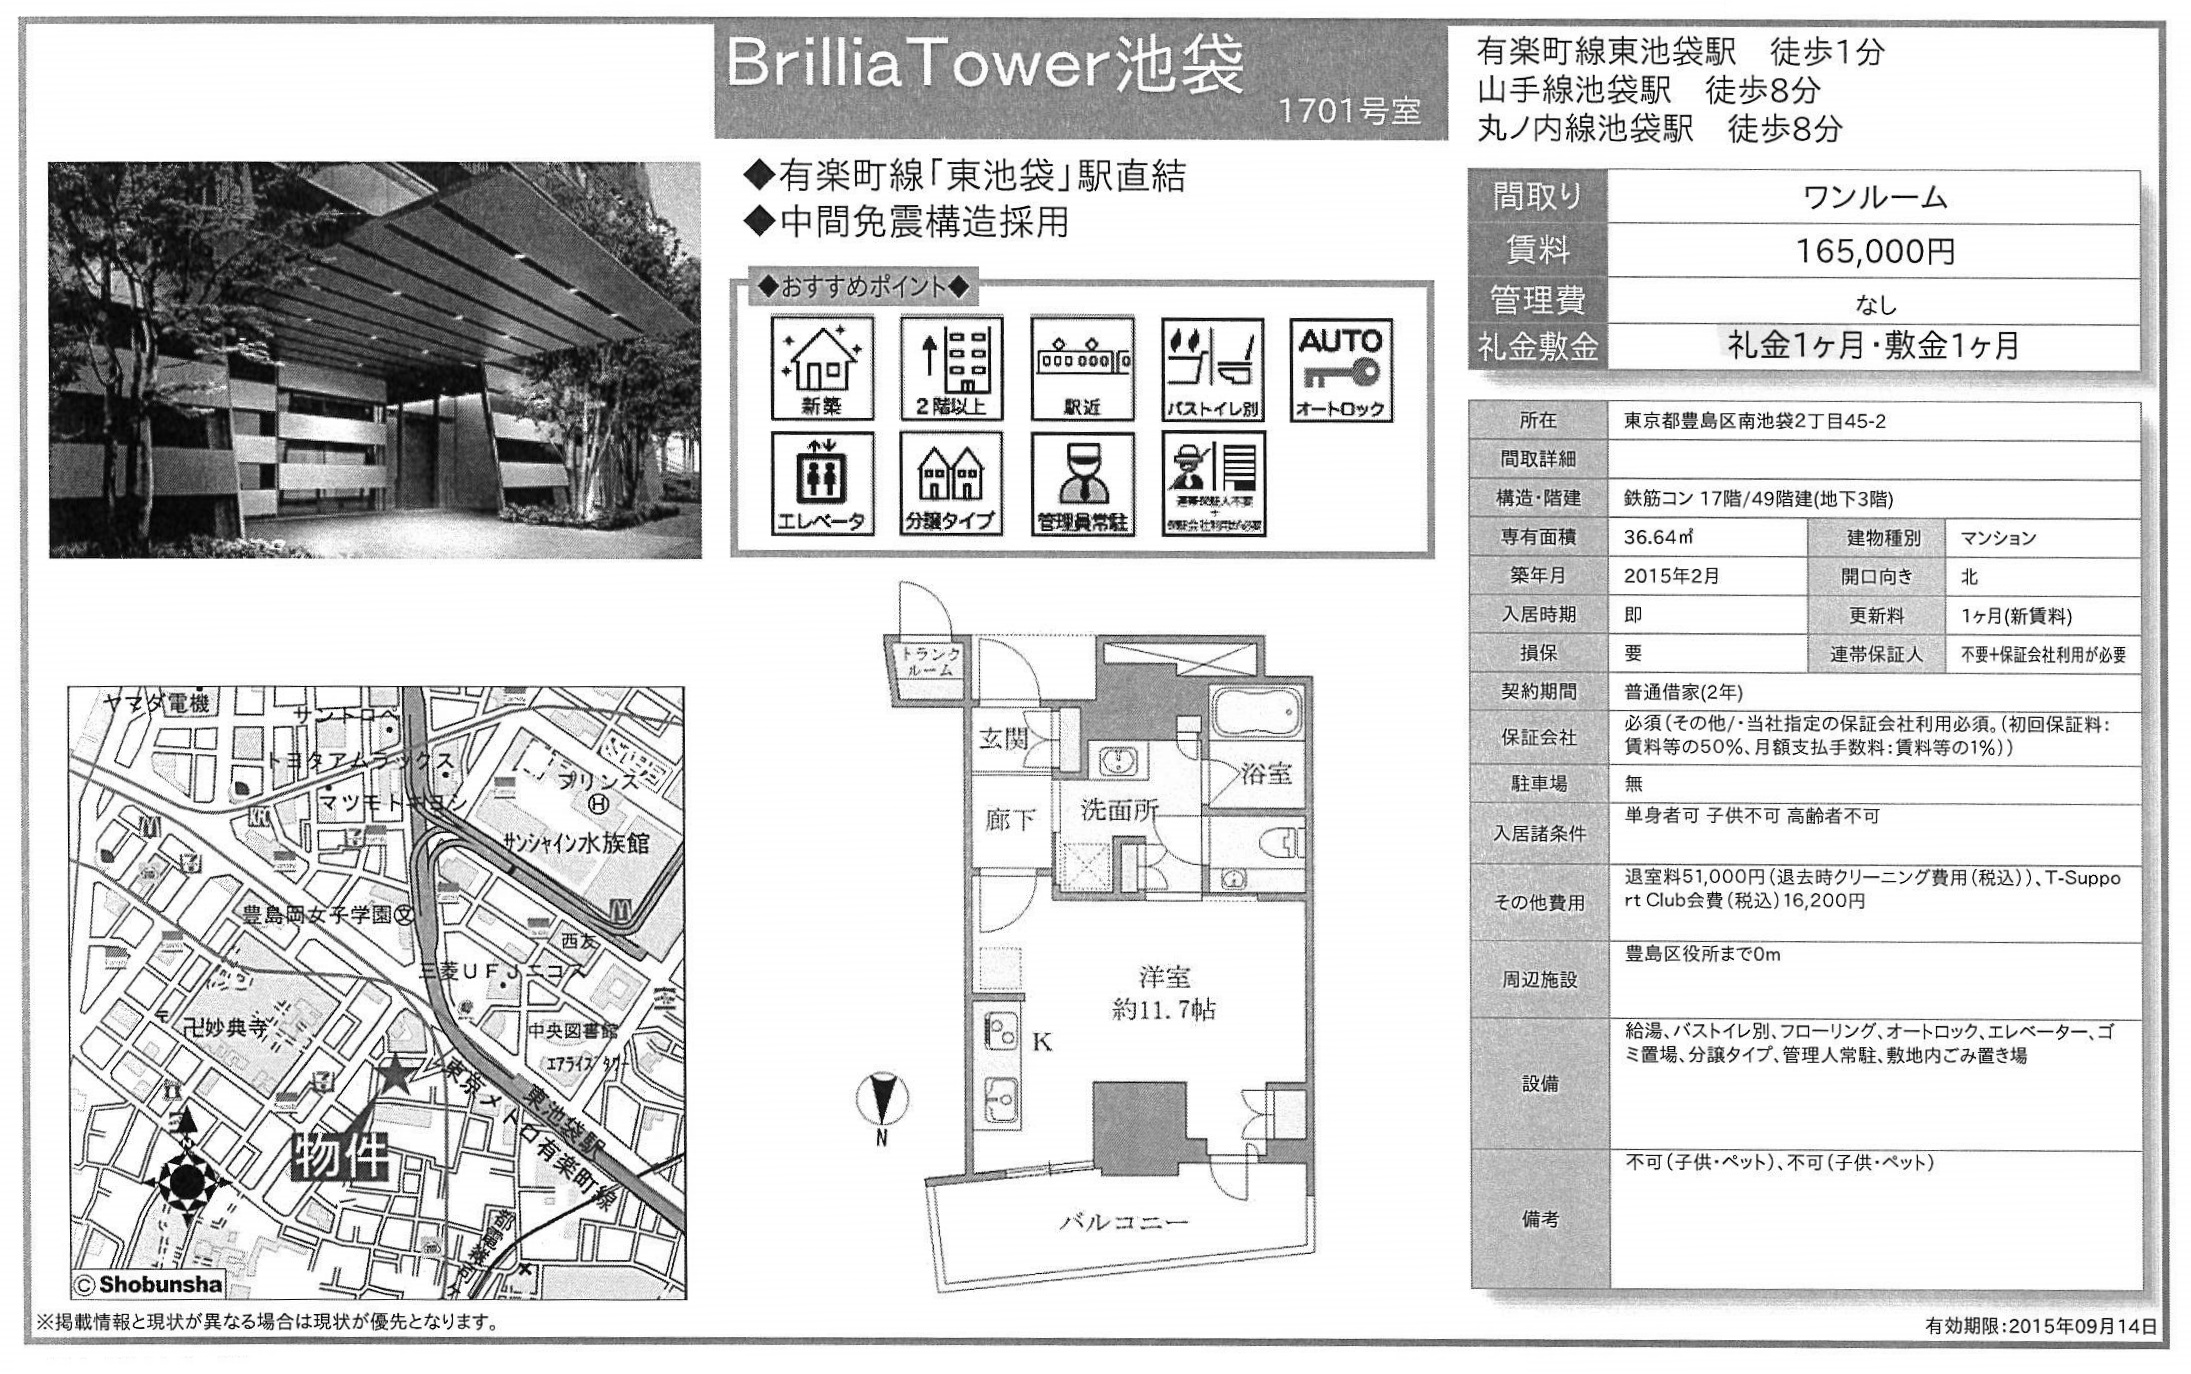 ブリリアタワー池袋図面1701号室